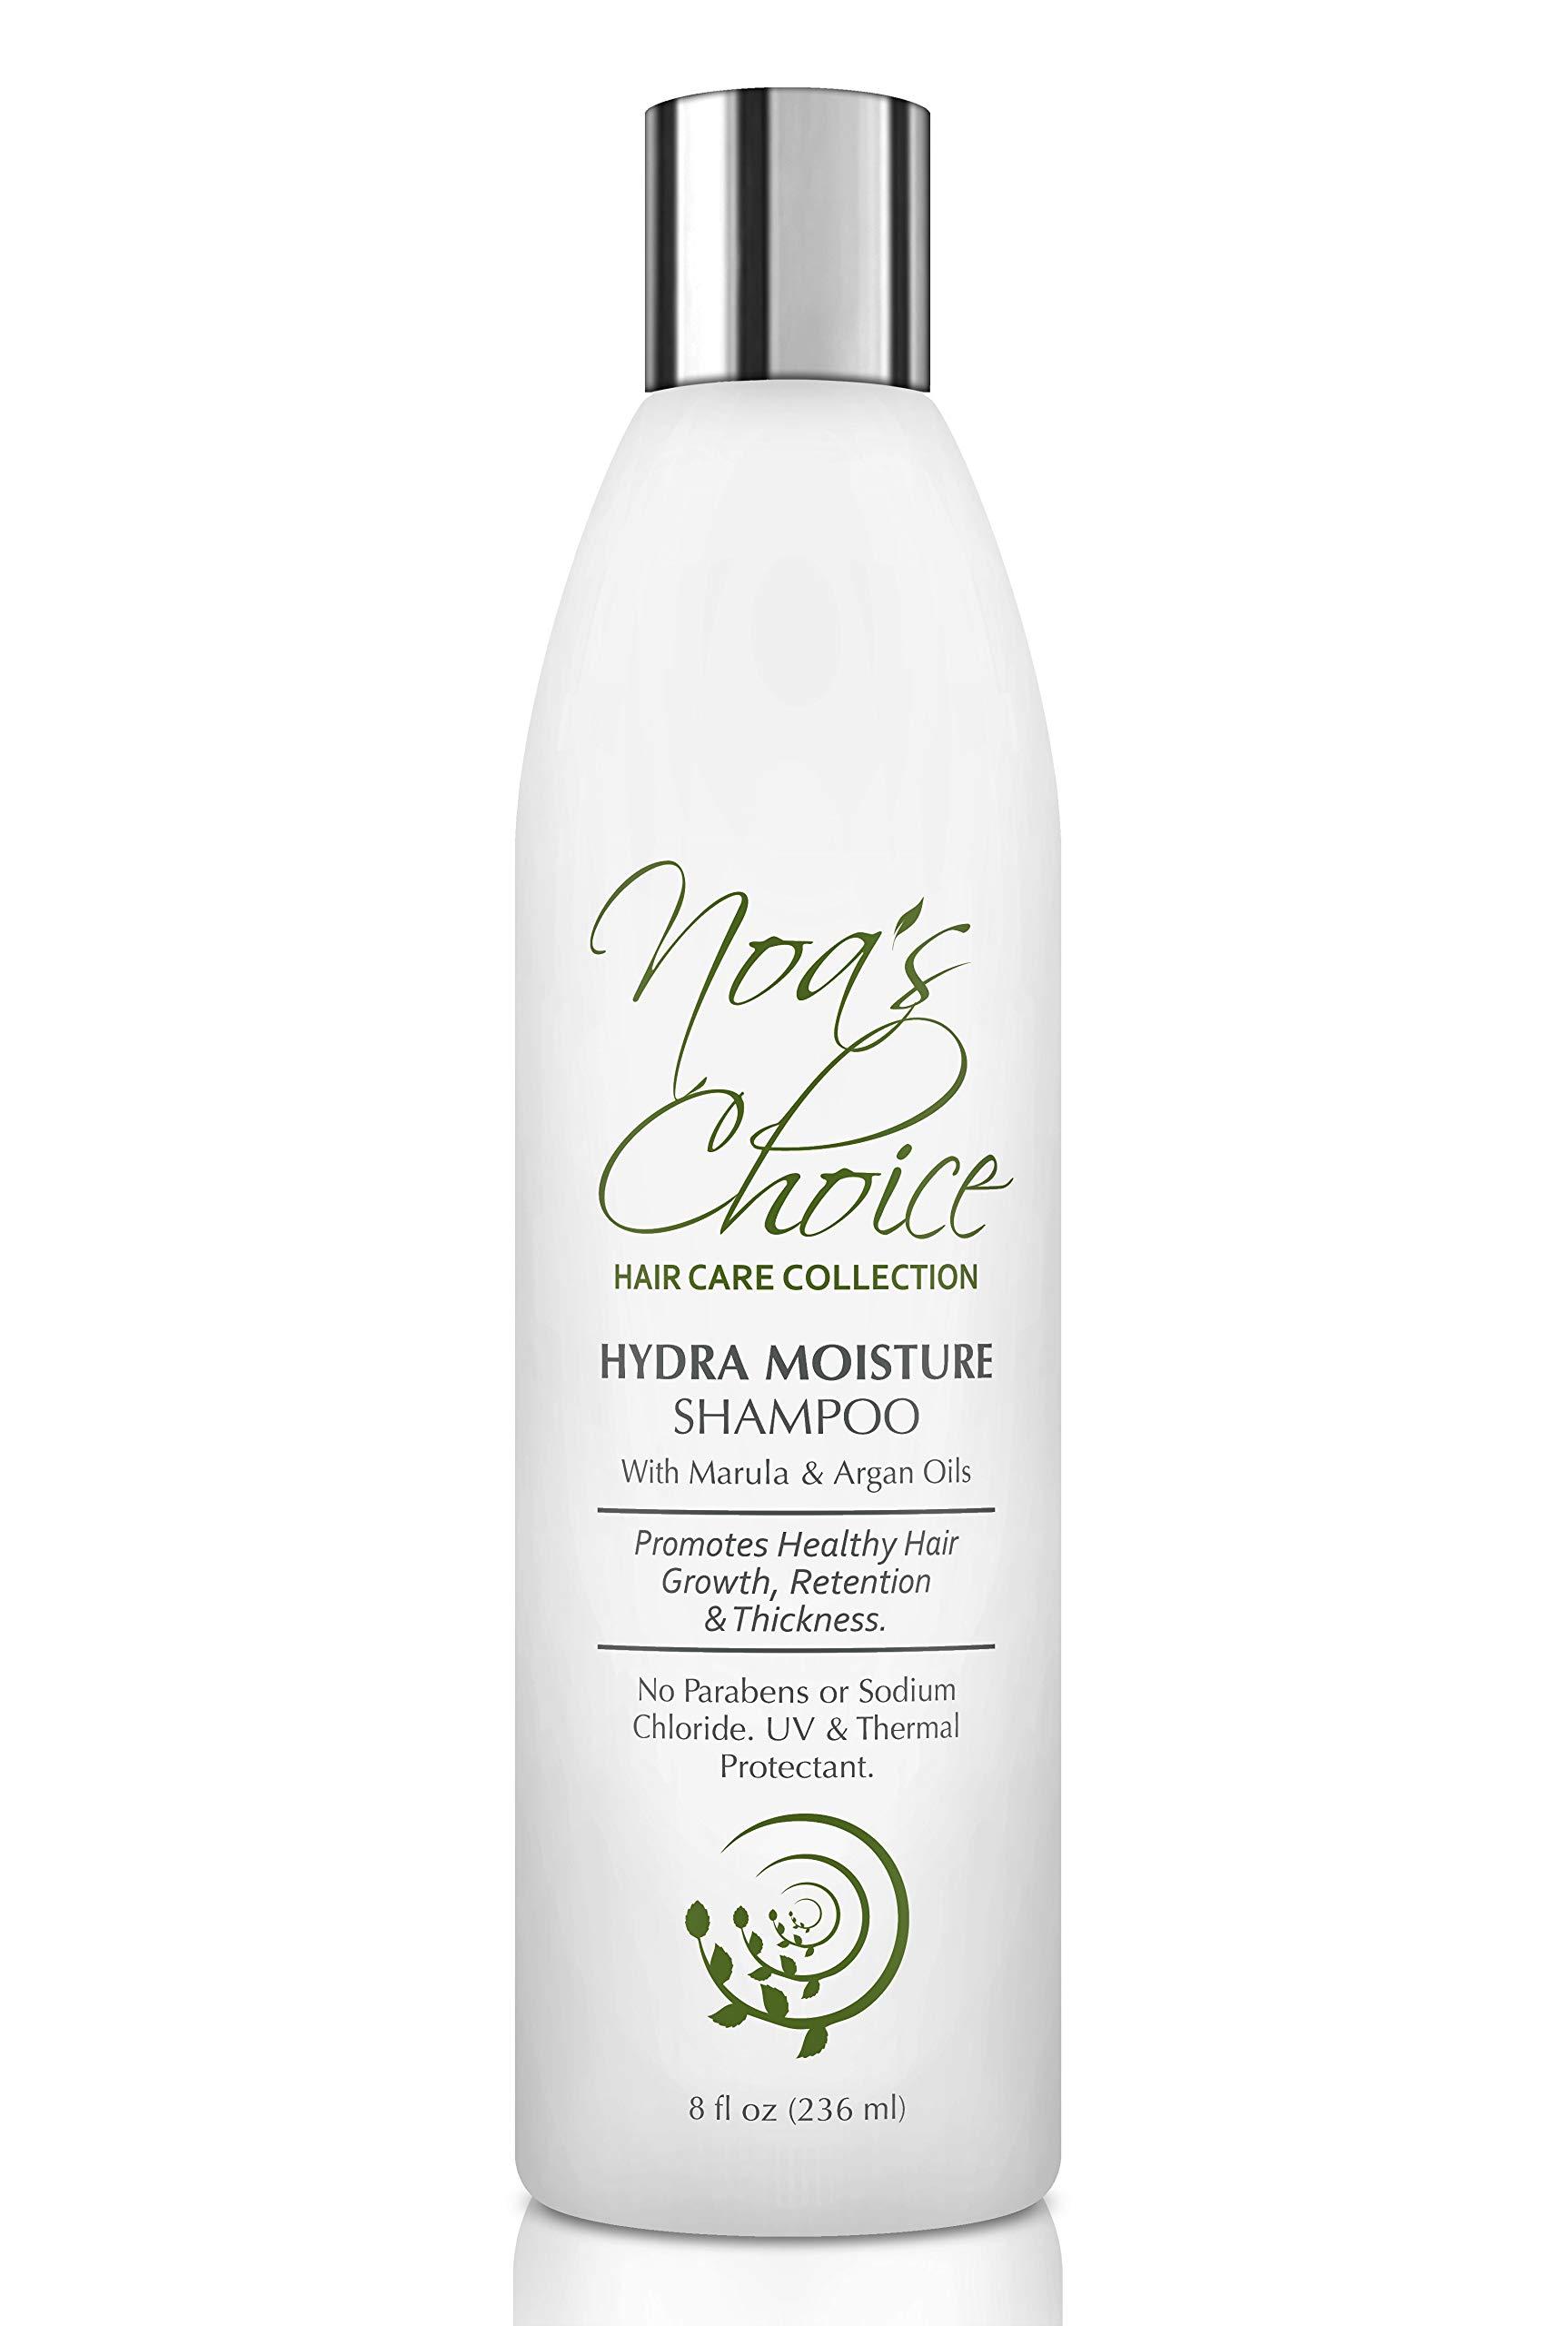 Noa's Choice Hair Growth Hydra Moisture Shampoo with Marula & Argan Oils